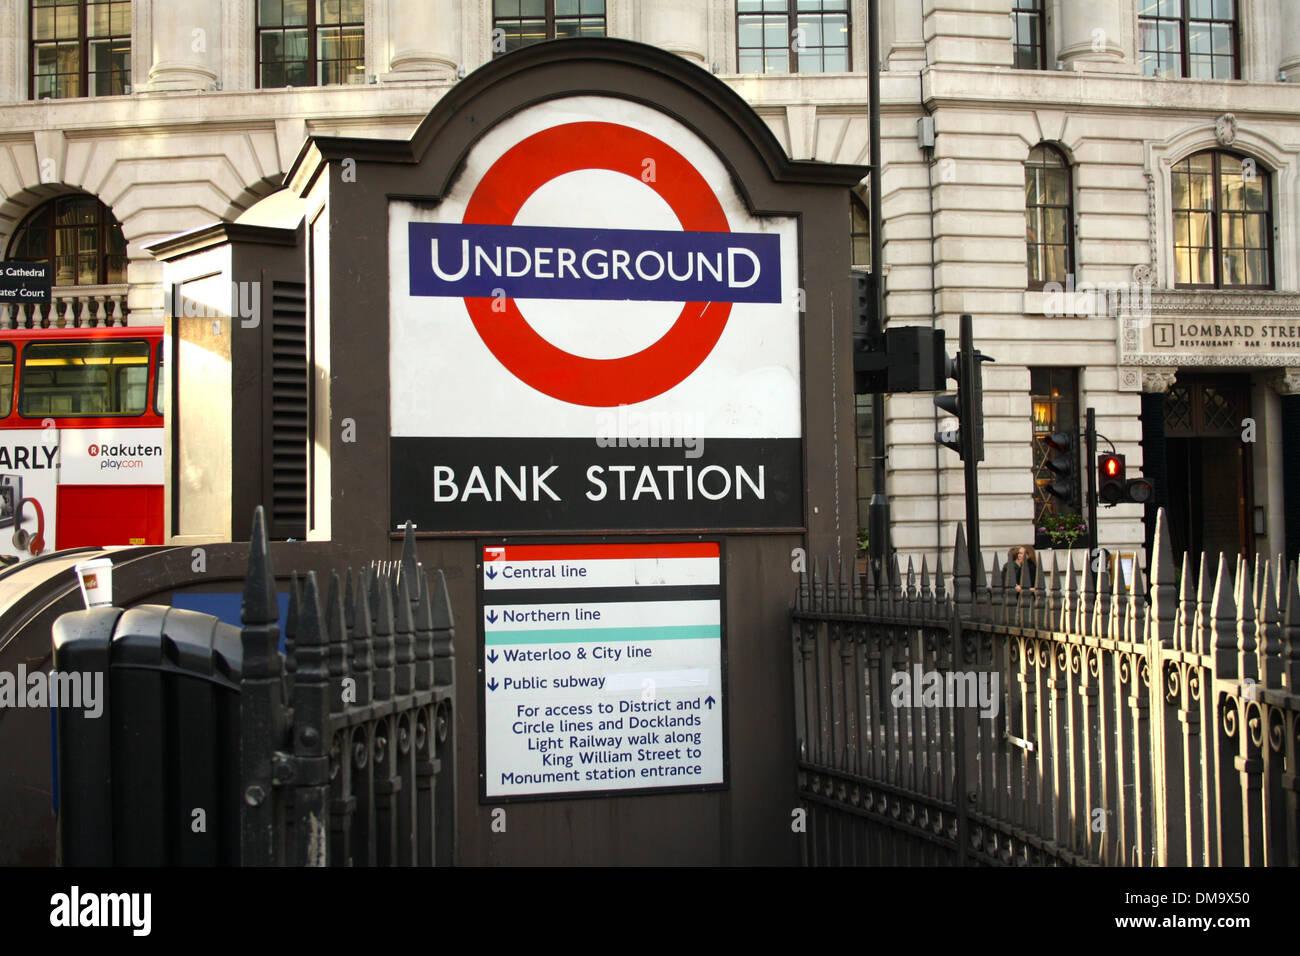 Bank tube station, London UK - Stock Image